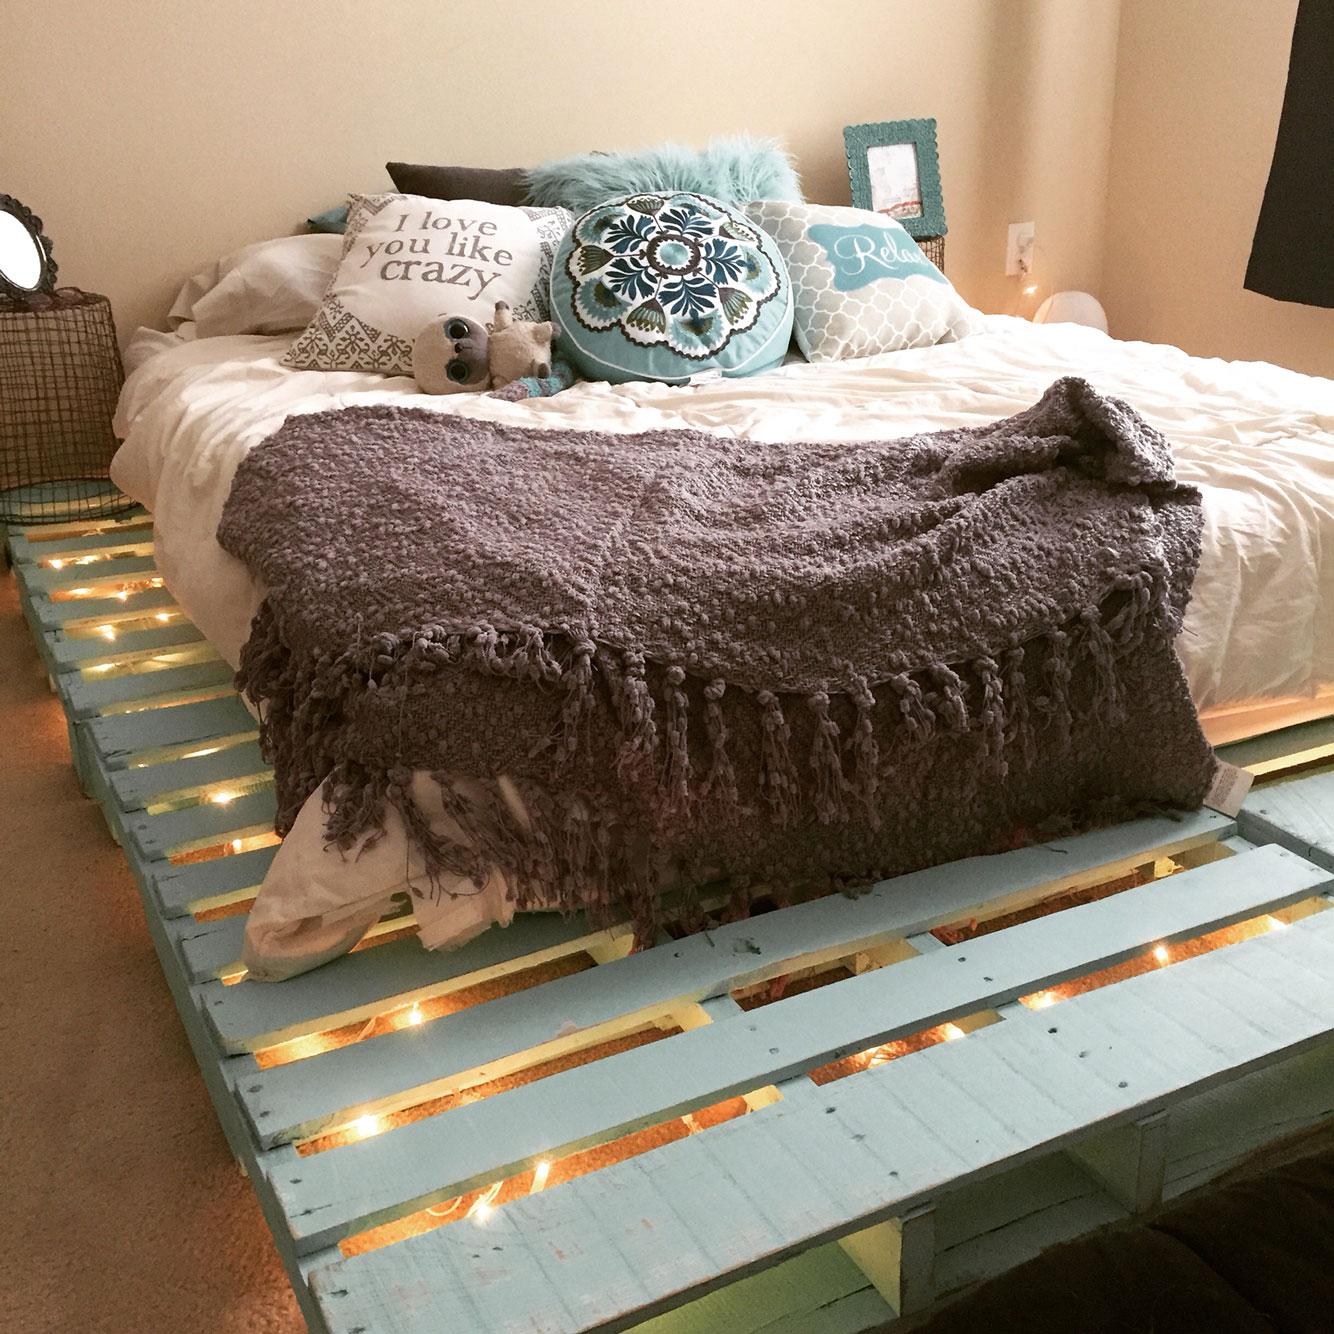 Combine a roupa de cama, almofadas e outros itens com a cor que você escolheu para a peça